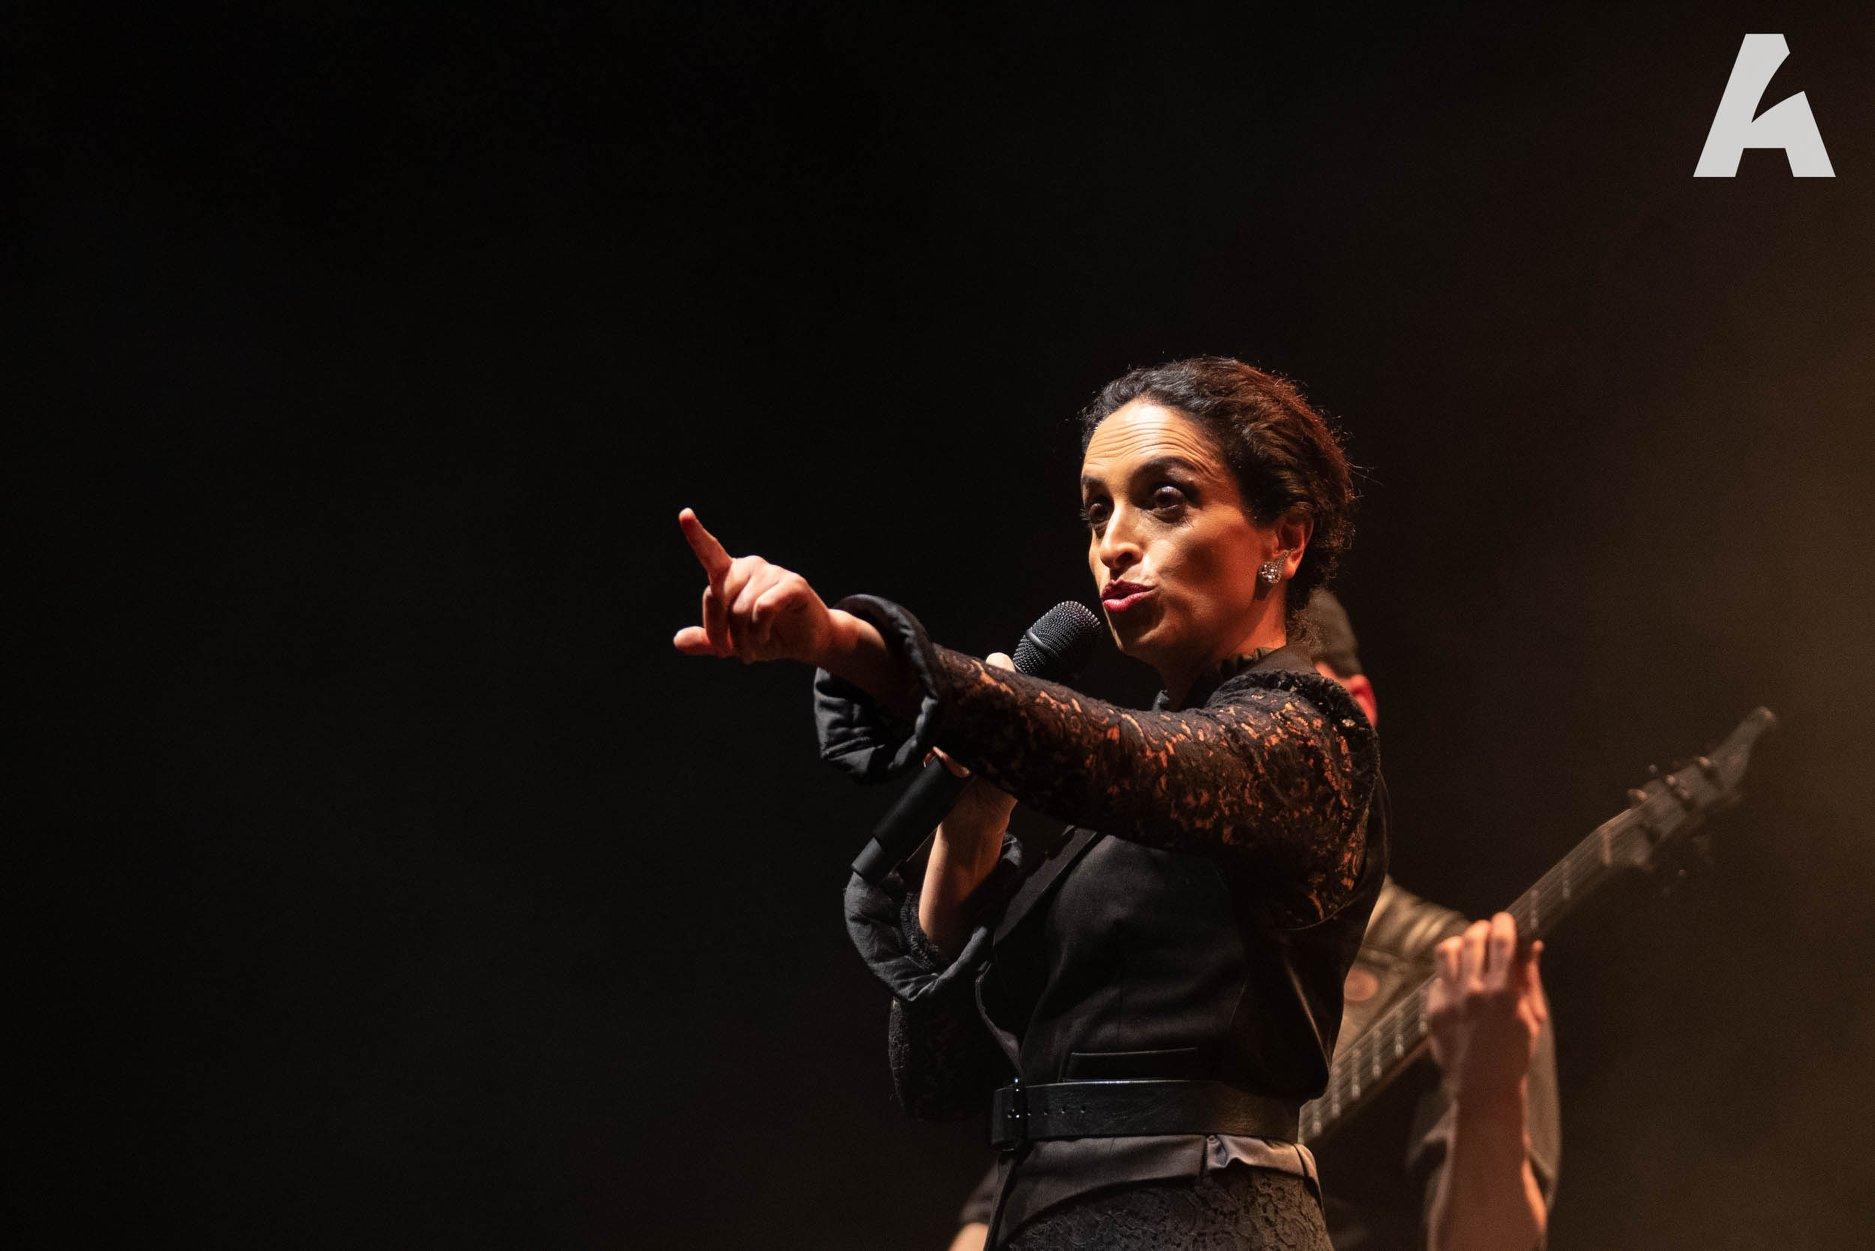 Noa levanta en aplausos al Auditorio de Tenerife